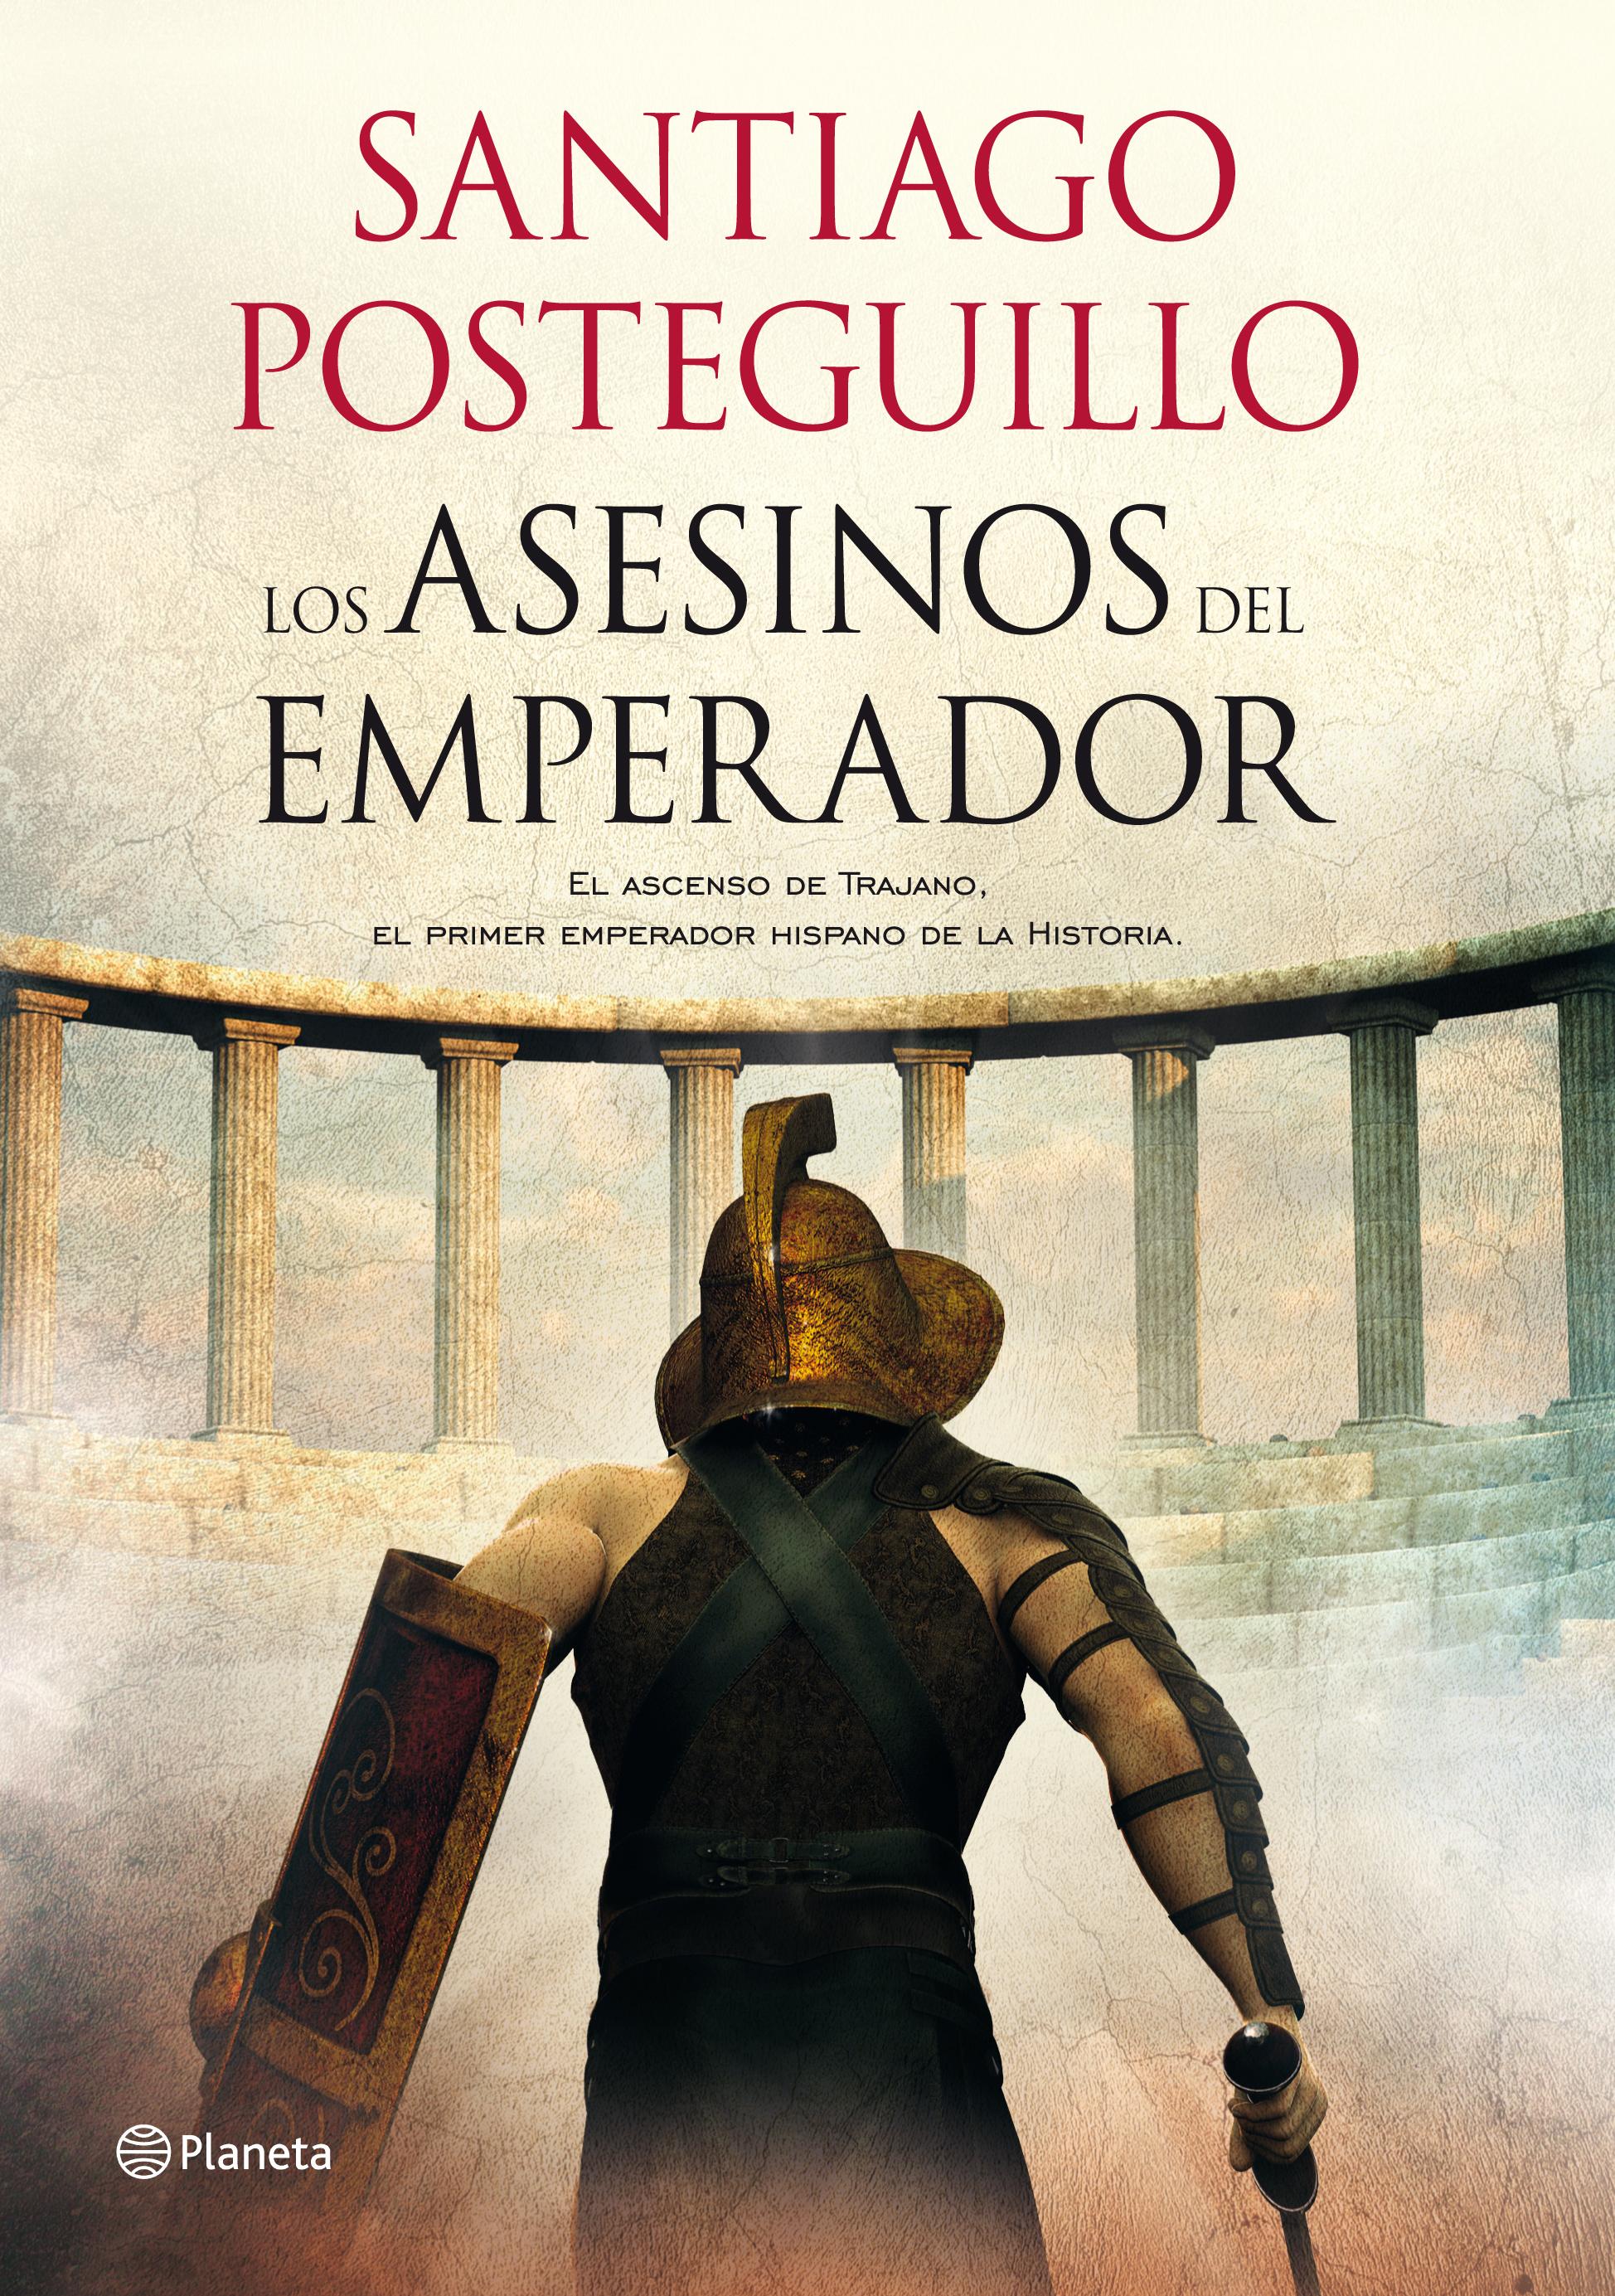 Recomendaciones-Libros-Interesantes-Novela Histórica-España-Santiago-Posteguillo